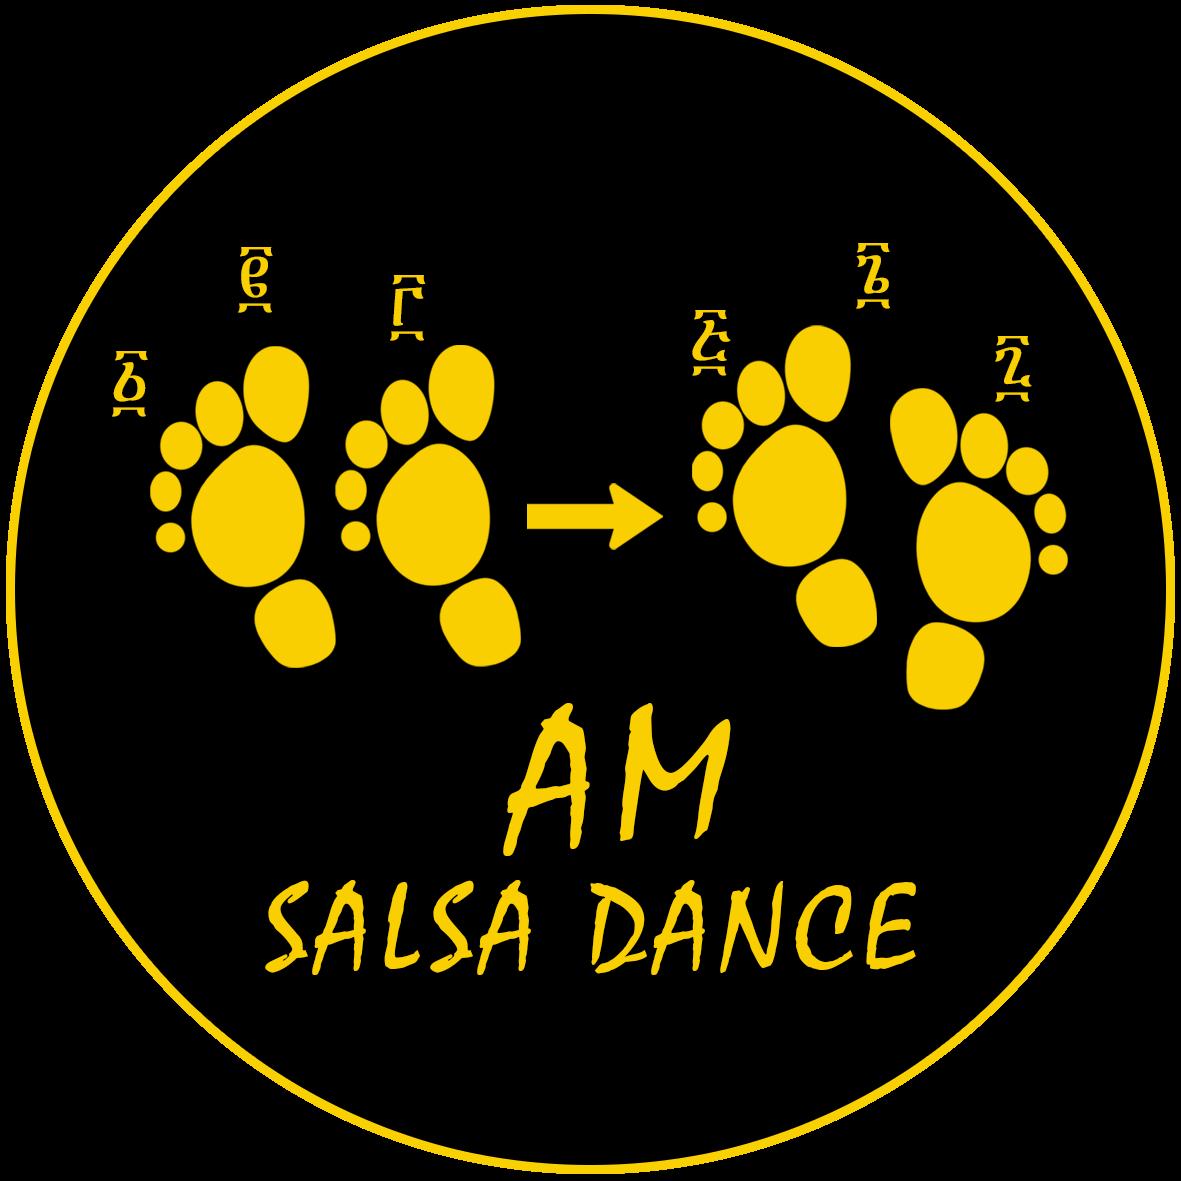 AM Salsa